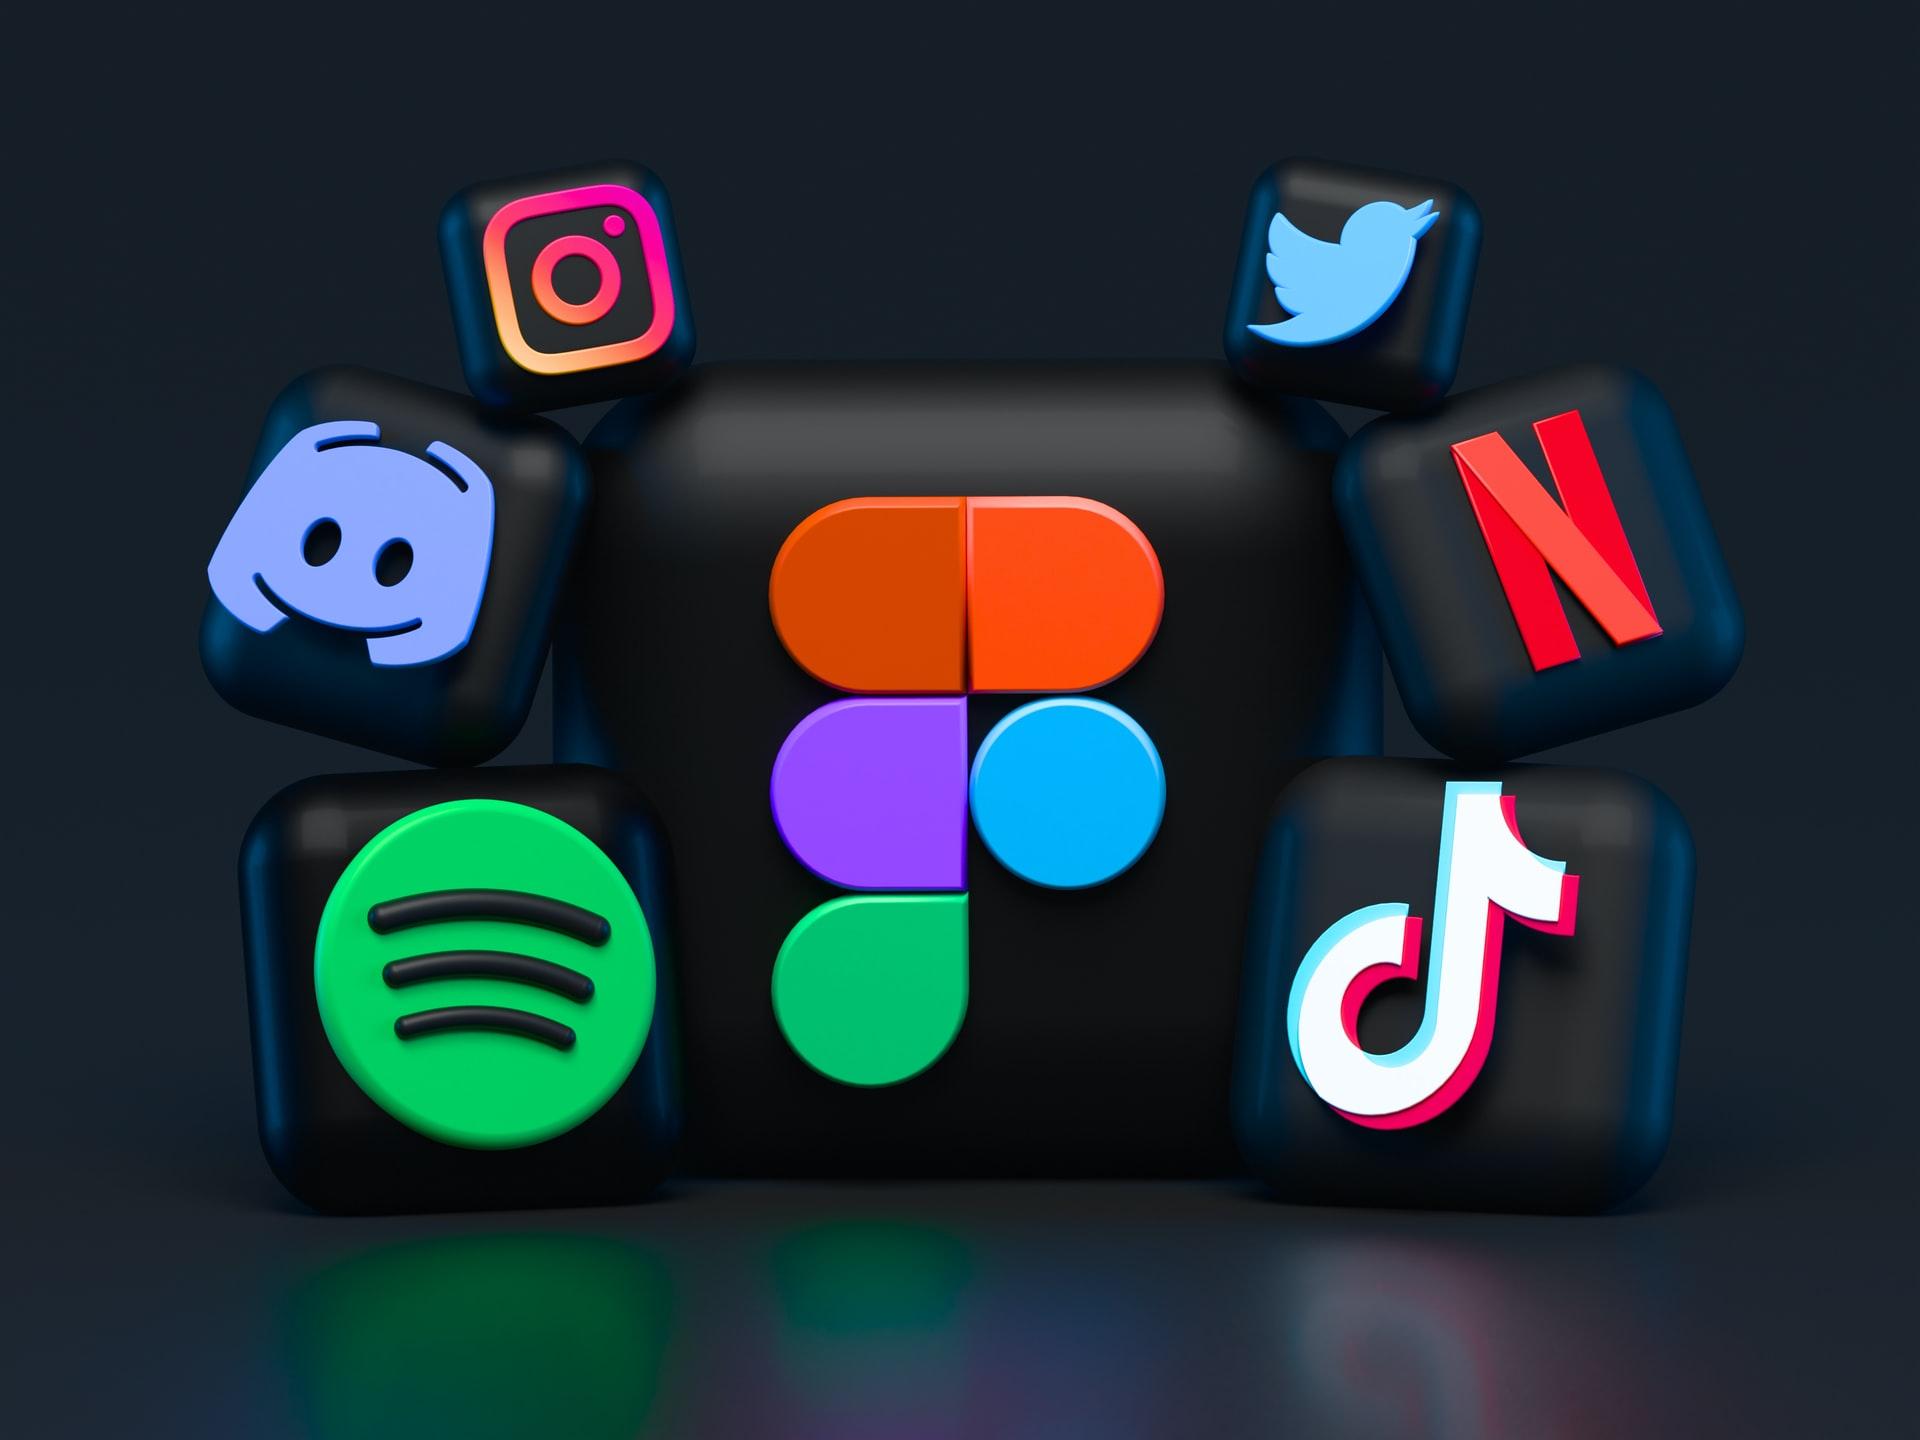 How to become a social media influencer and make money